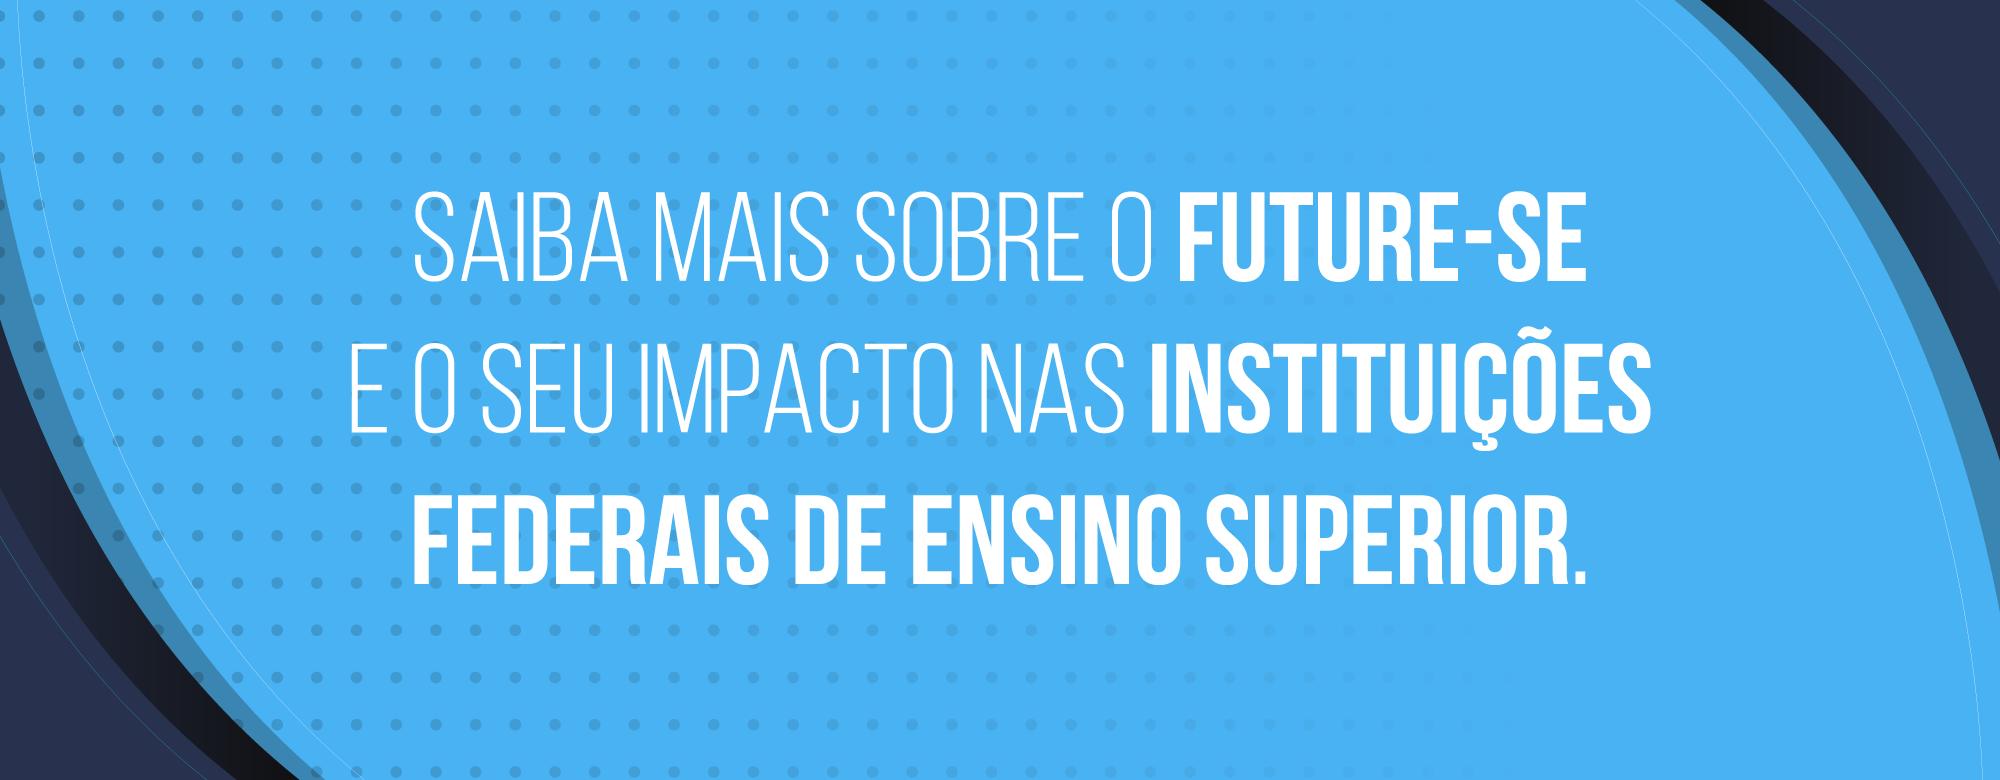 Saiba mais sobre o FUTURE-SE e o seu impacto nas Instituições Federais de Ensino Superior.